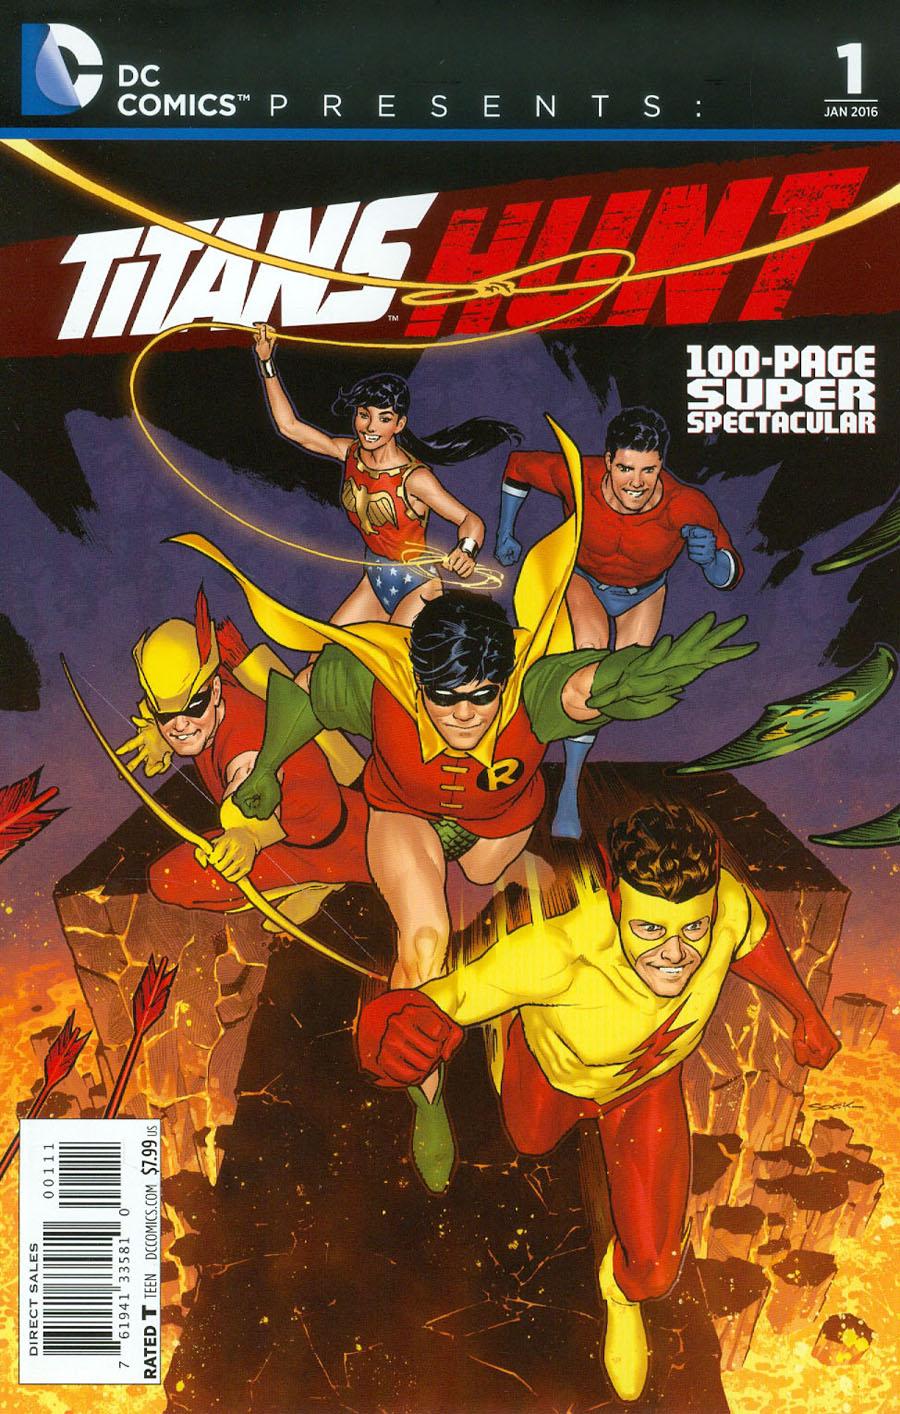 DC Comics Presents Titans Hunt 100-Page Super Spectacular #1